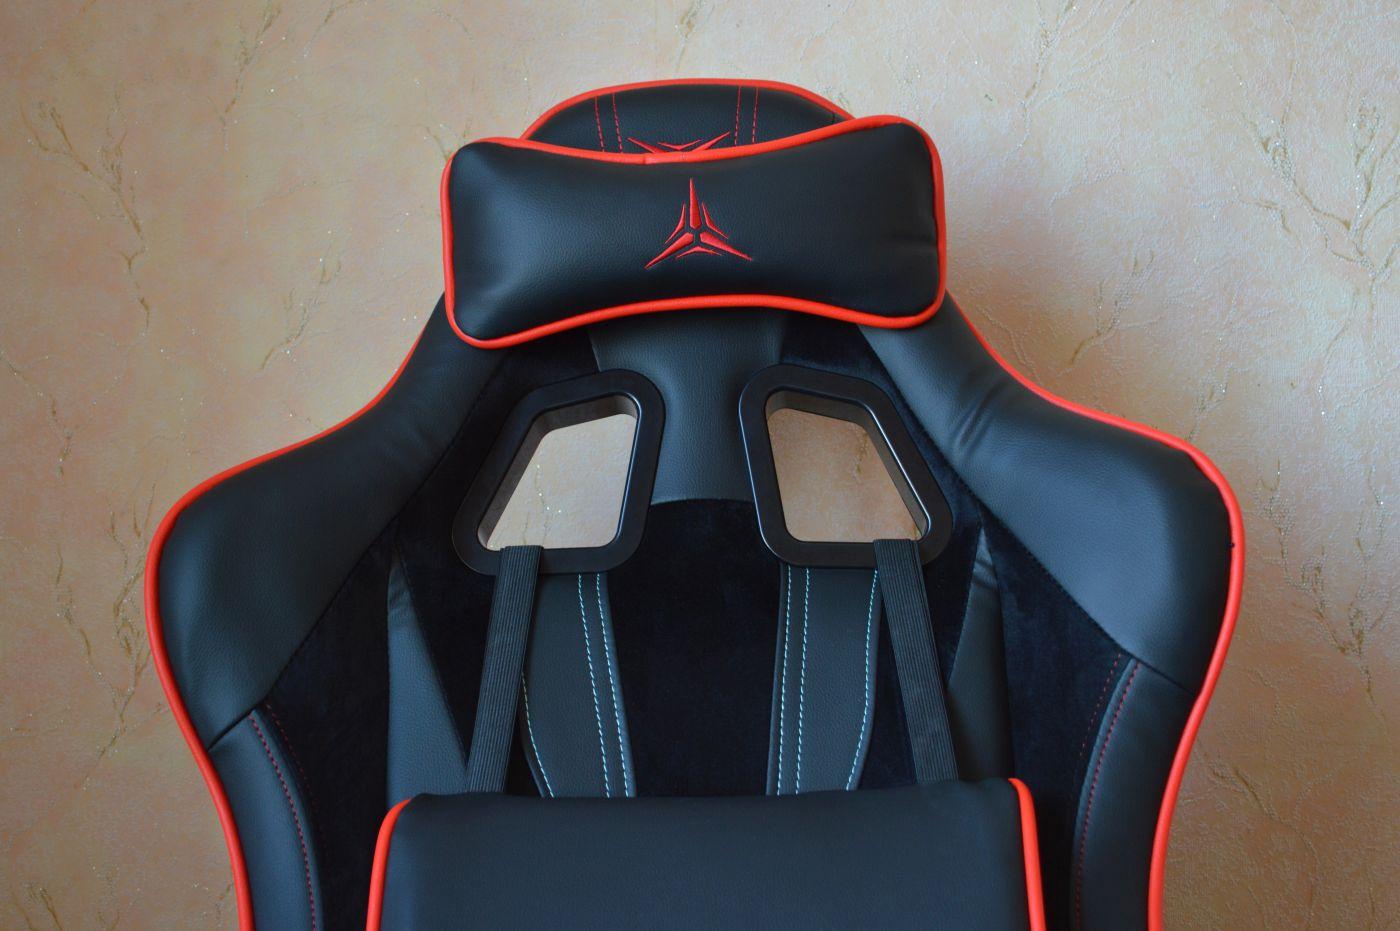 подголовье компьютерного игрового кресла Zone 51 Gravity